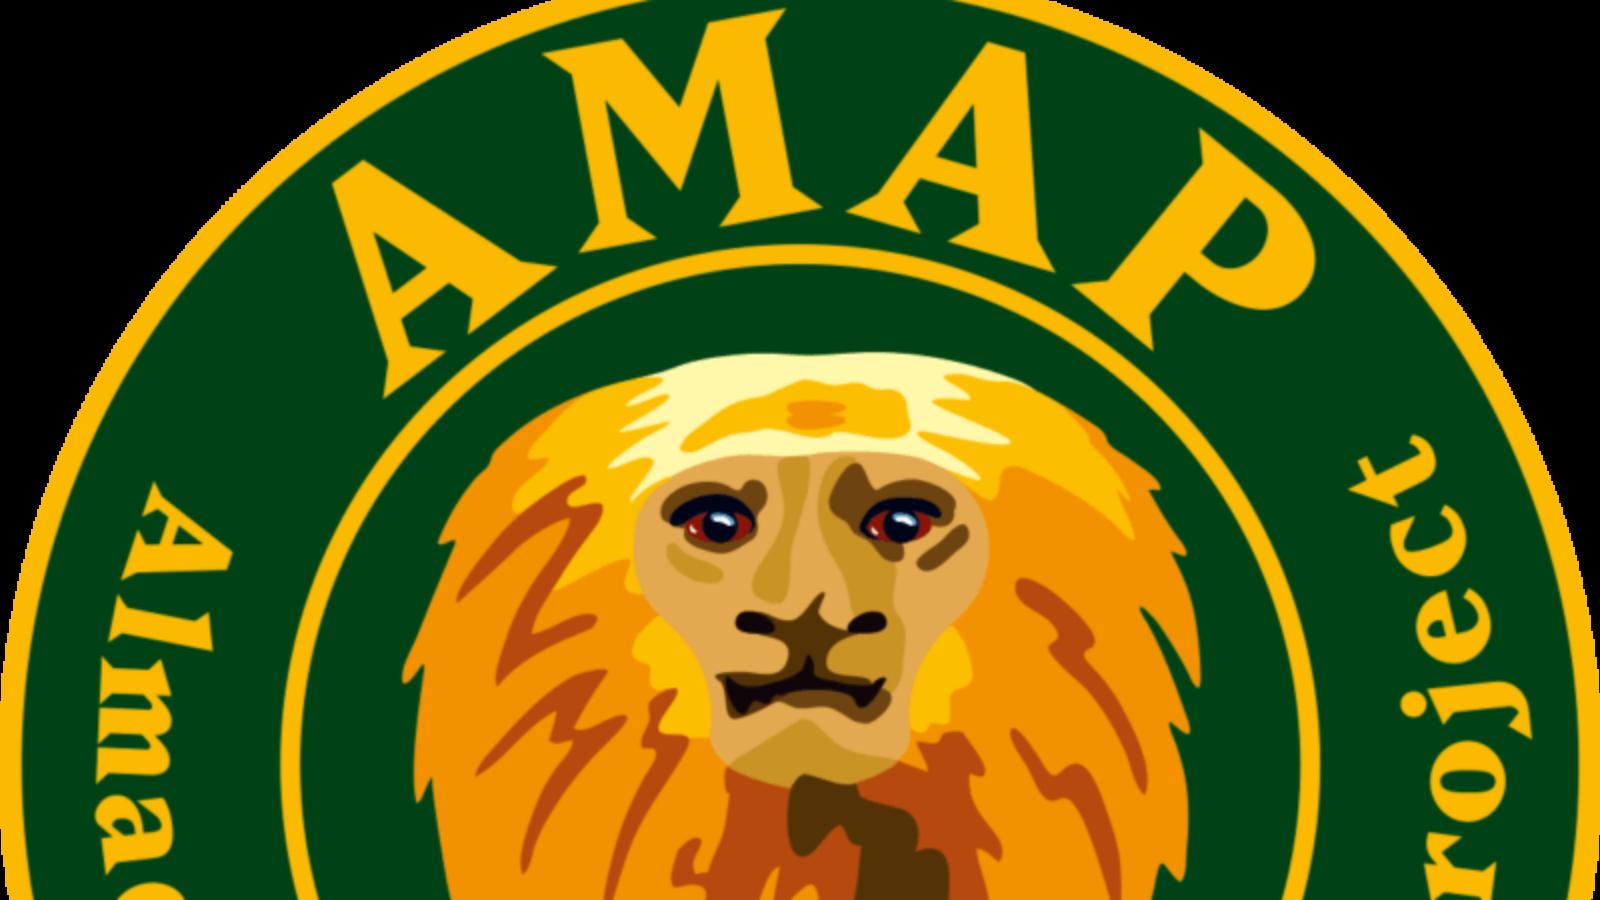 Logo-AMAP-Okt-2017-final-800x487